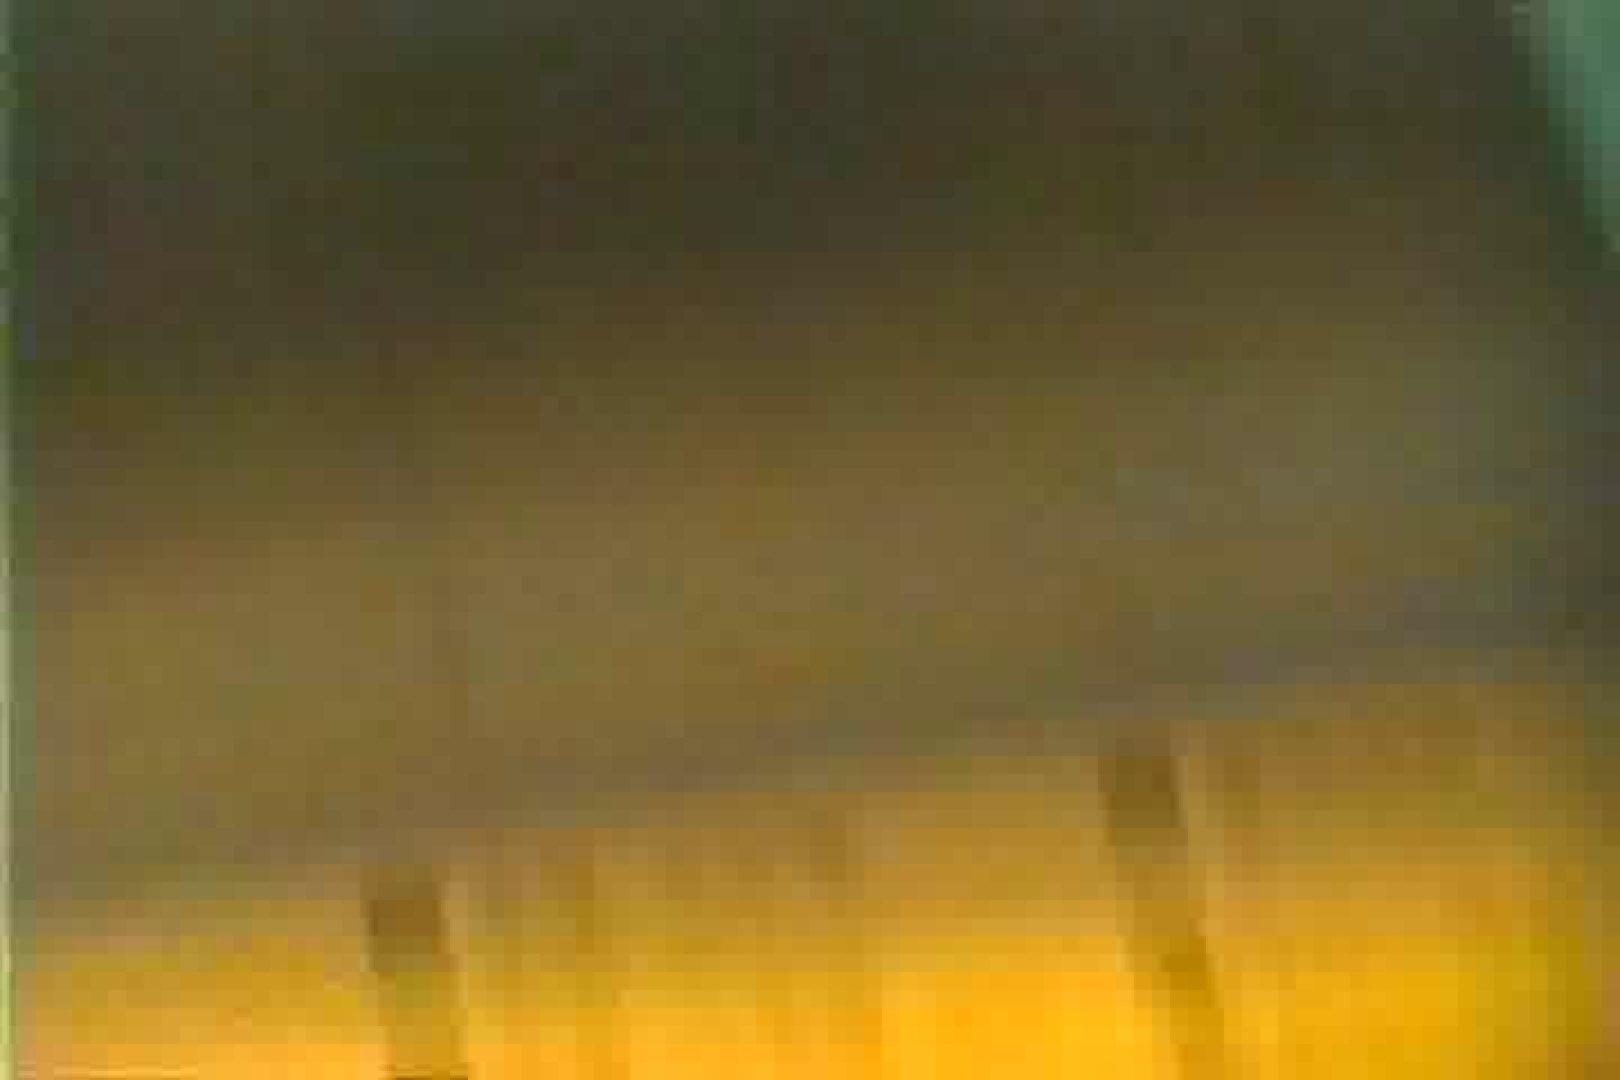 「ちくりん」さんのオリジナル未編集パンチラVol.9_02 パンチラ  85枚 85